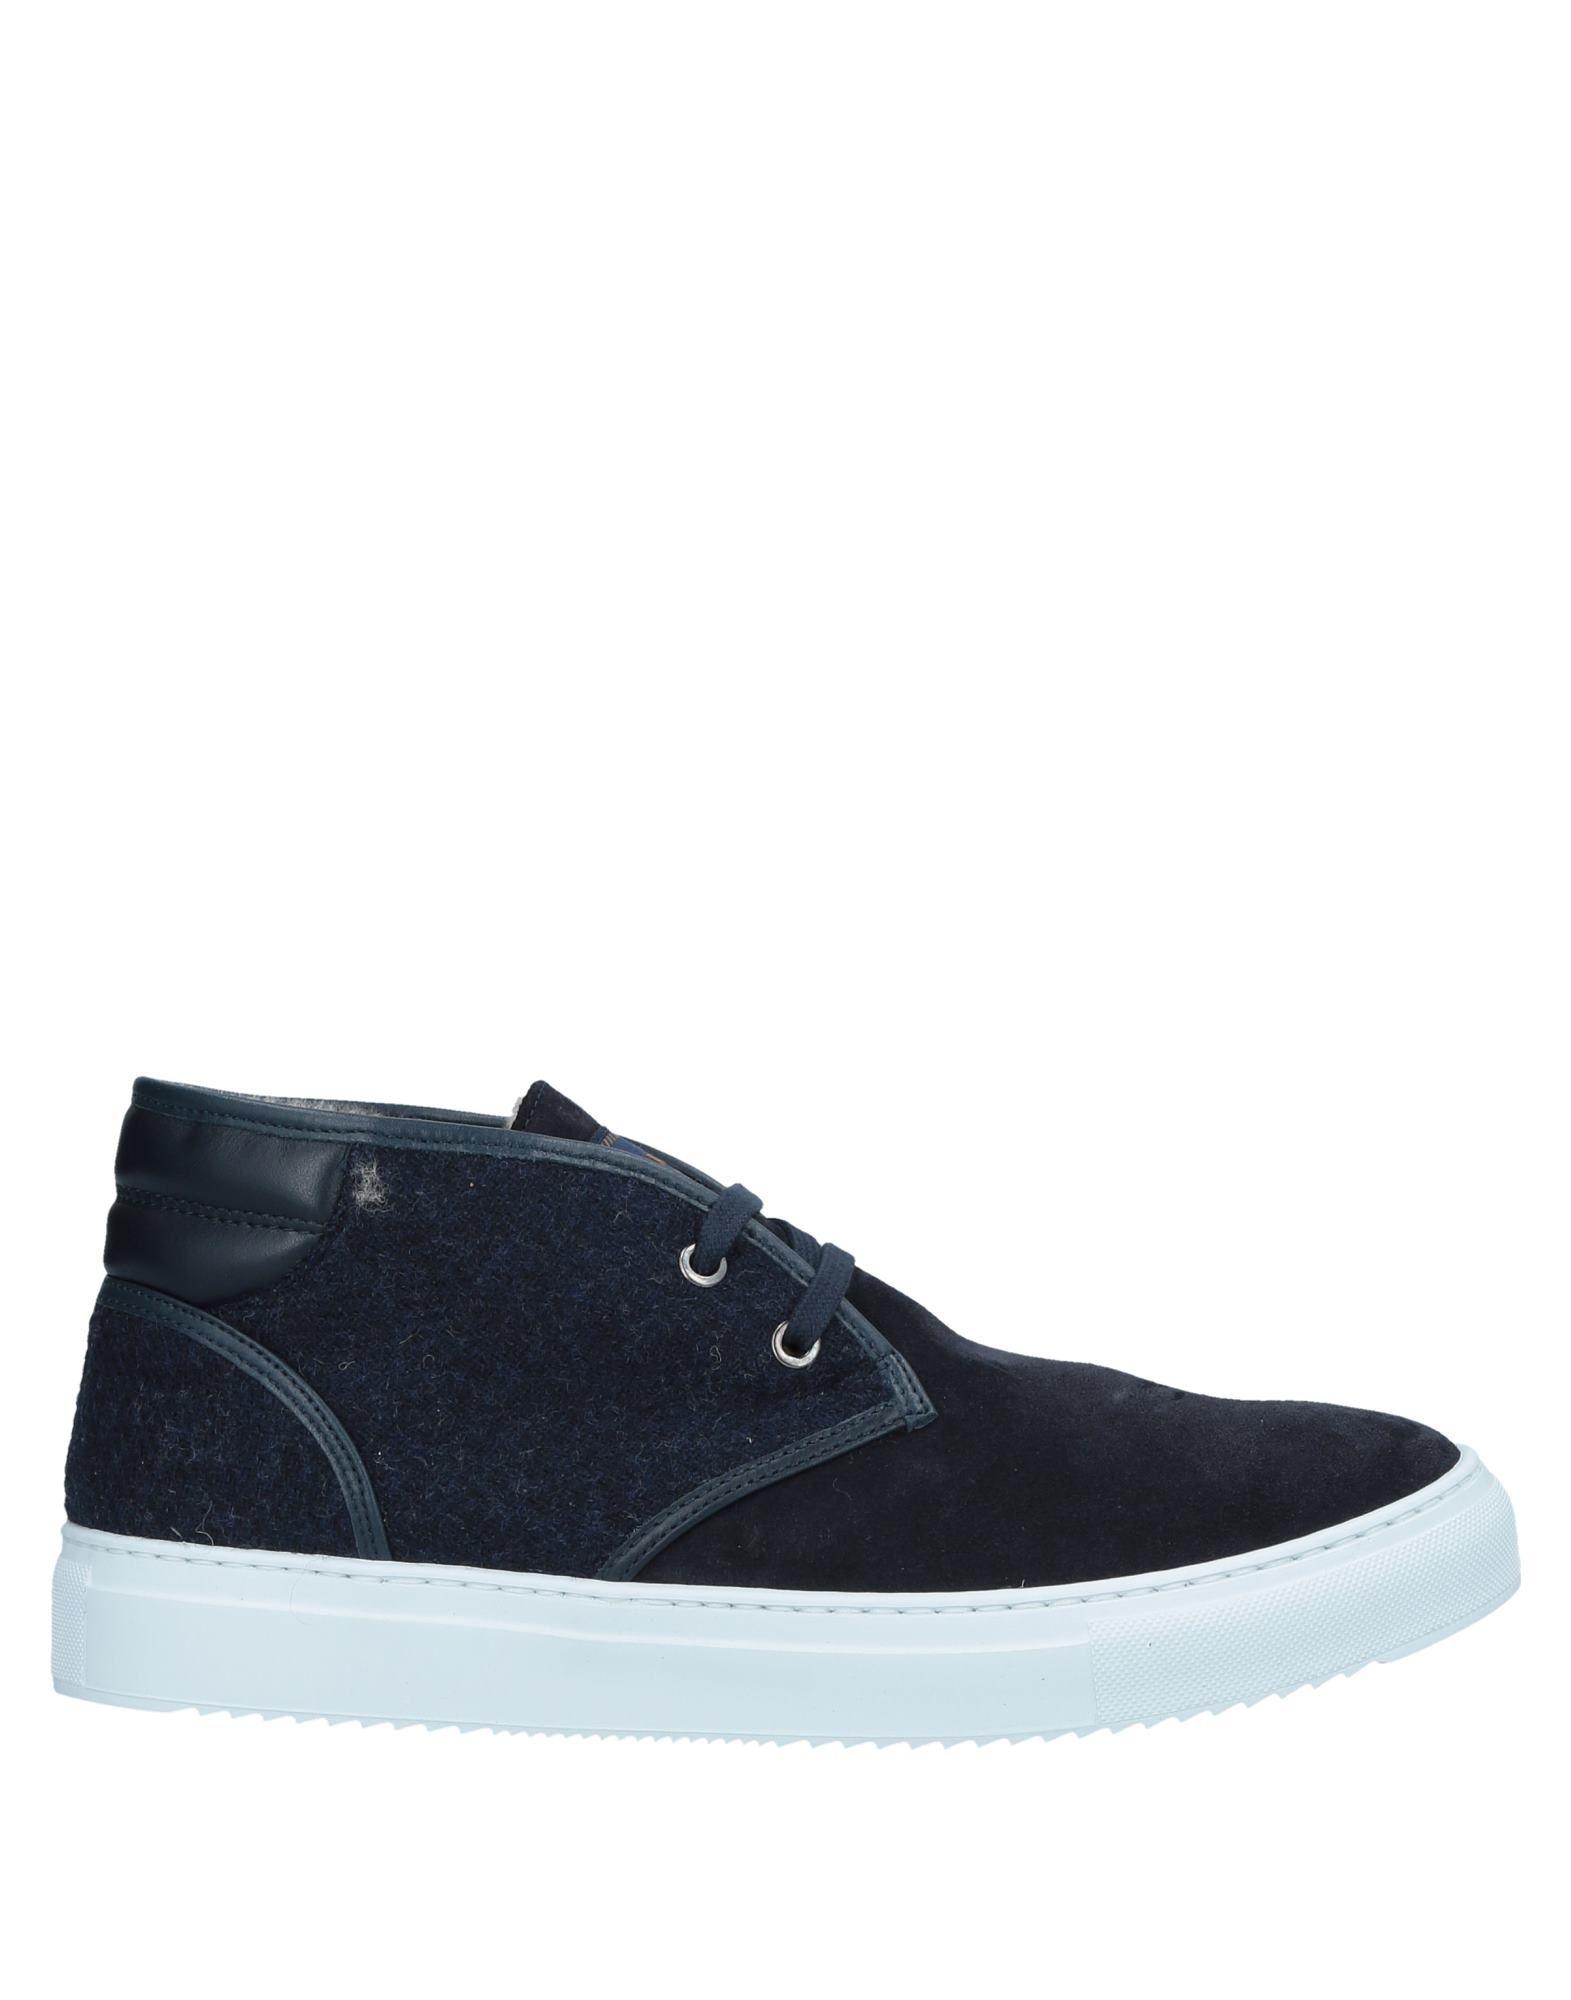 Sneakers Fabi Homme - Sneakers Fabi  Bleu foncé Chaussures femme pas cher homme et femme